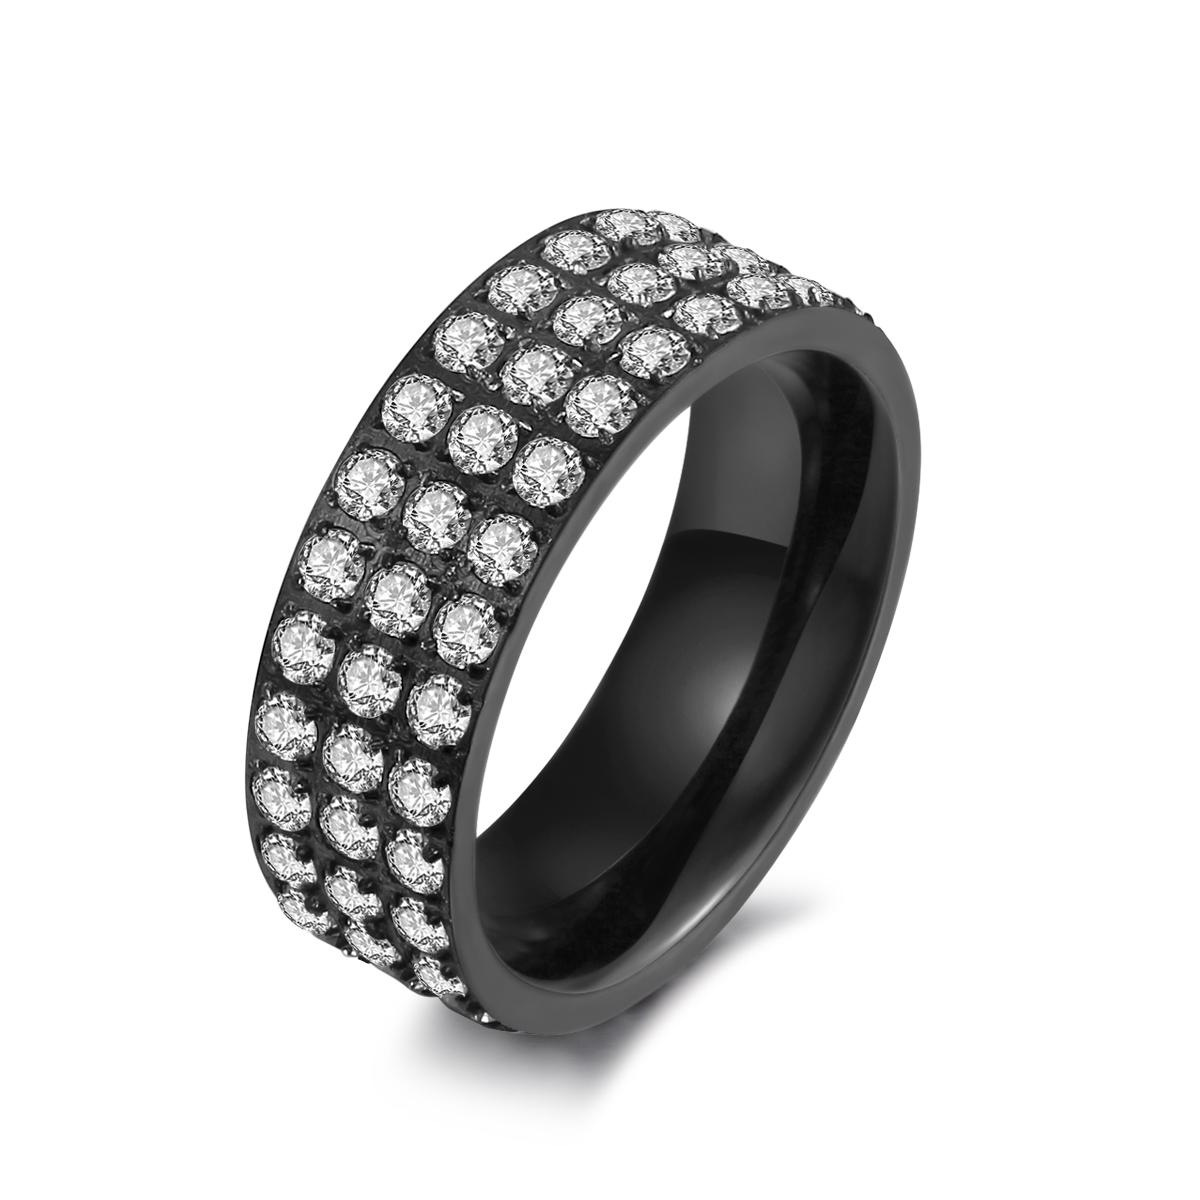 Sort stål ring med zirkonia - 1405133 størrelse 60 fra ice diamonds by kranz på brodersen + kobborg